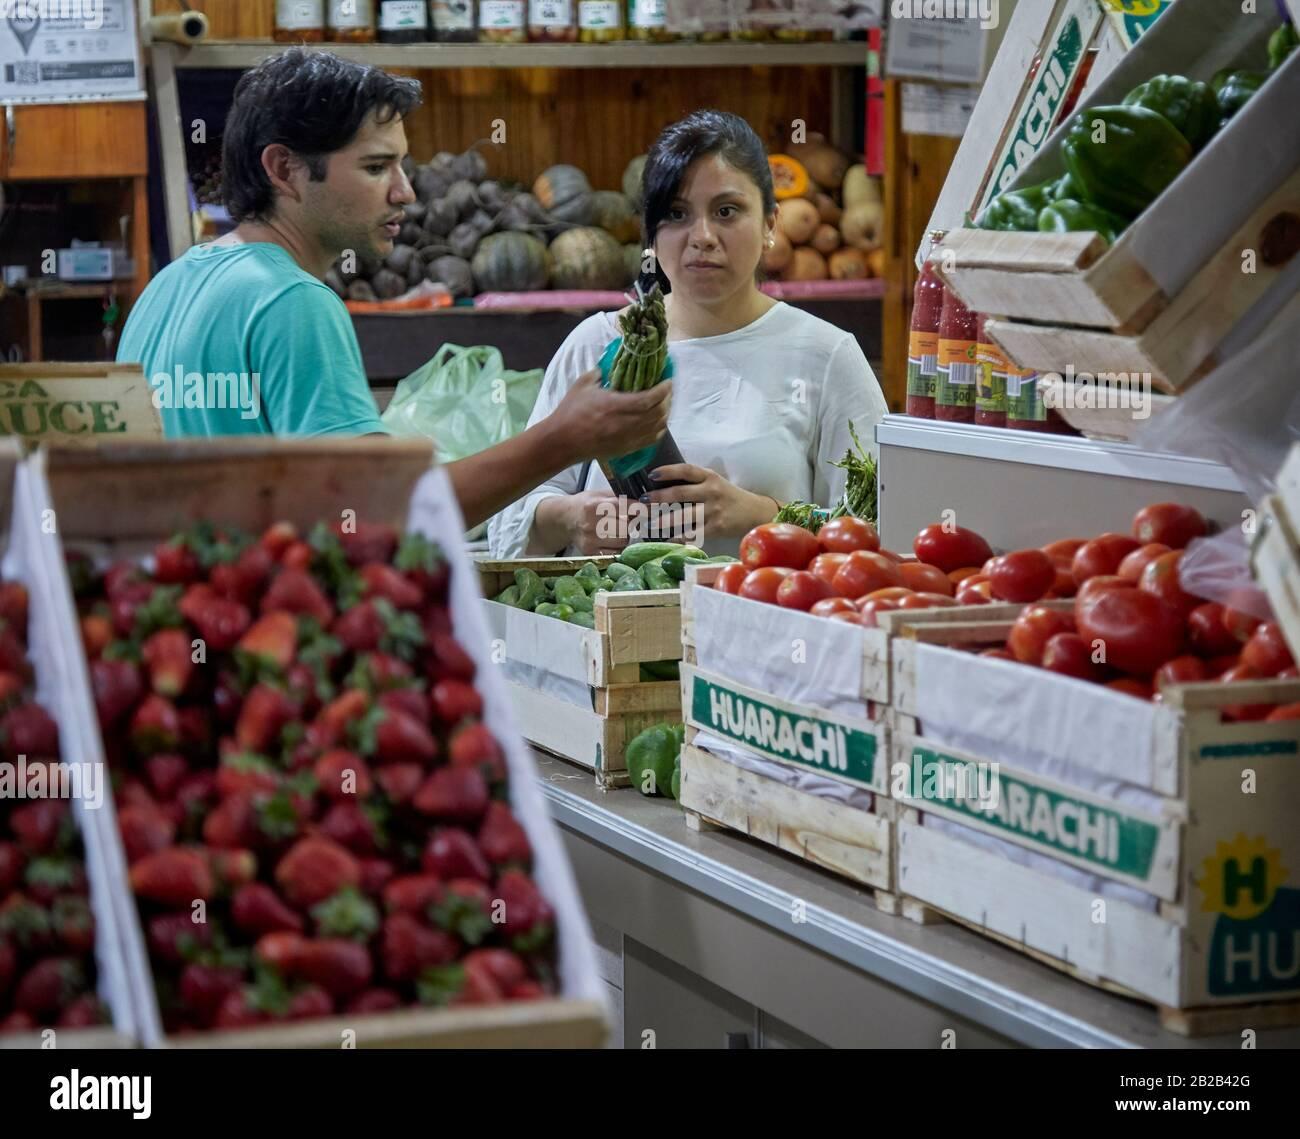 MENDOZA, ARGENTINA, 19/12/2017. Greengrocery, venta de verduras y frutas, mercado Central, Ciudad de Mendoza. Foto: Axel Lloret / www.allofotografia.co Foto de stock